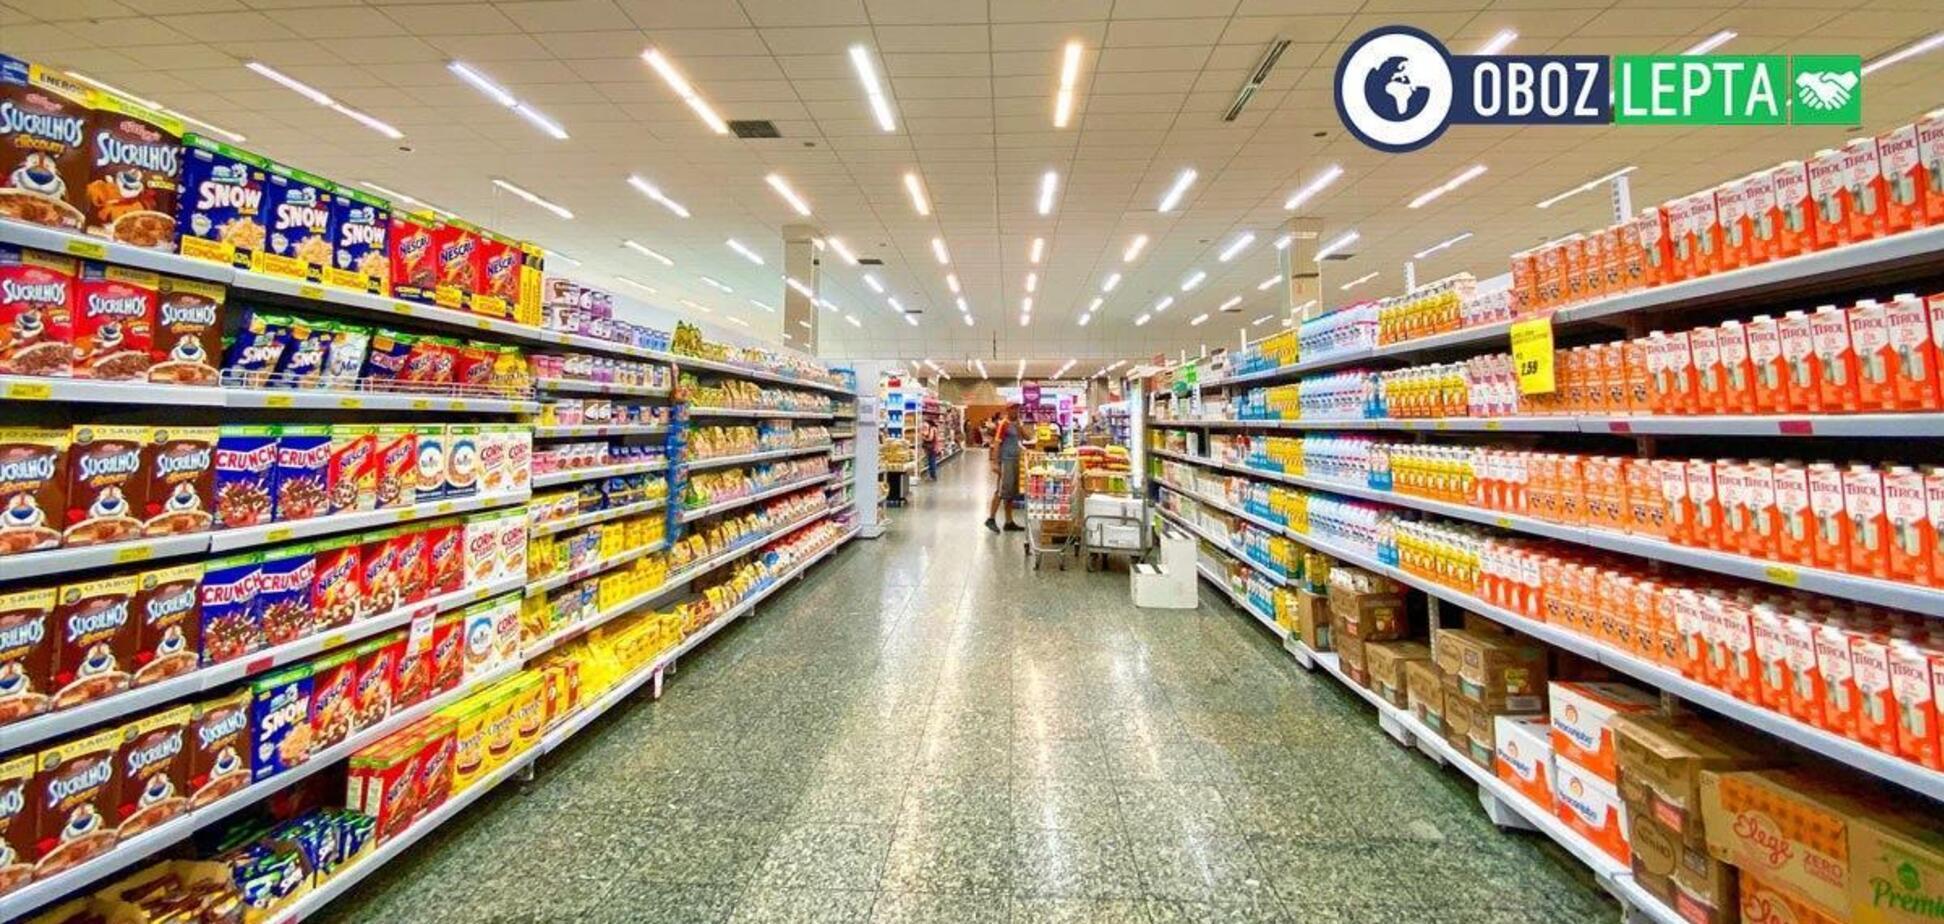 Хліба та видовищ: чому рітейл має бути соціально відповідальним бізнесом